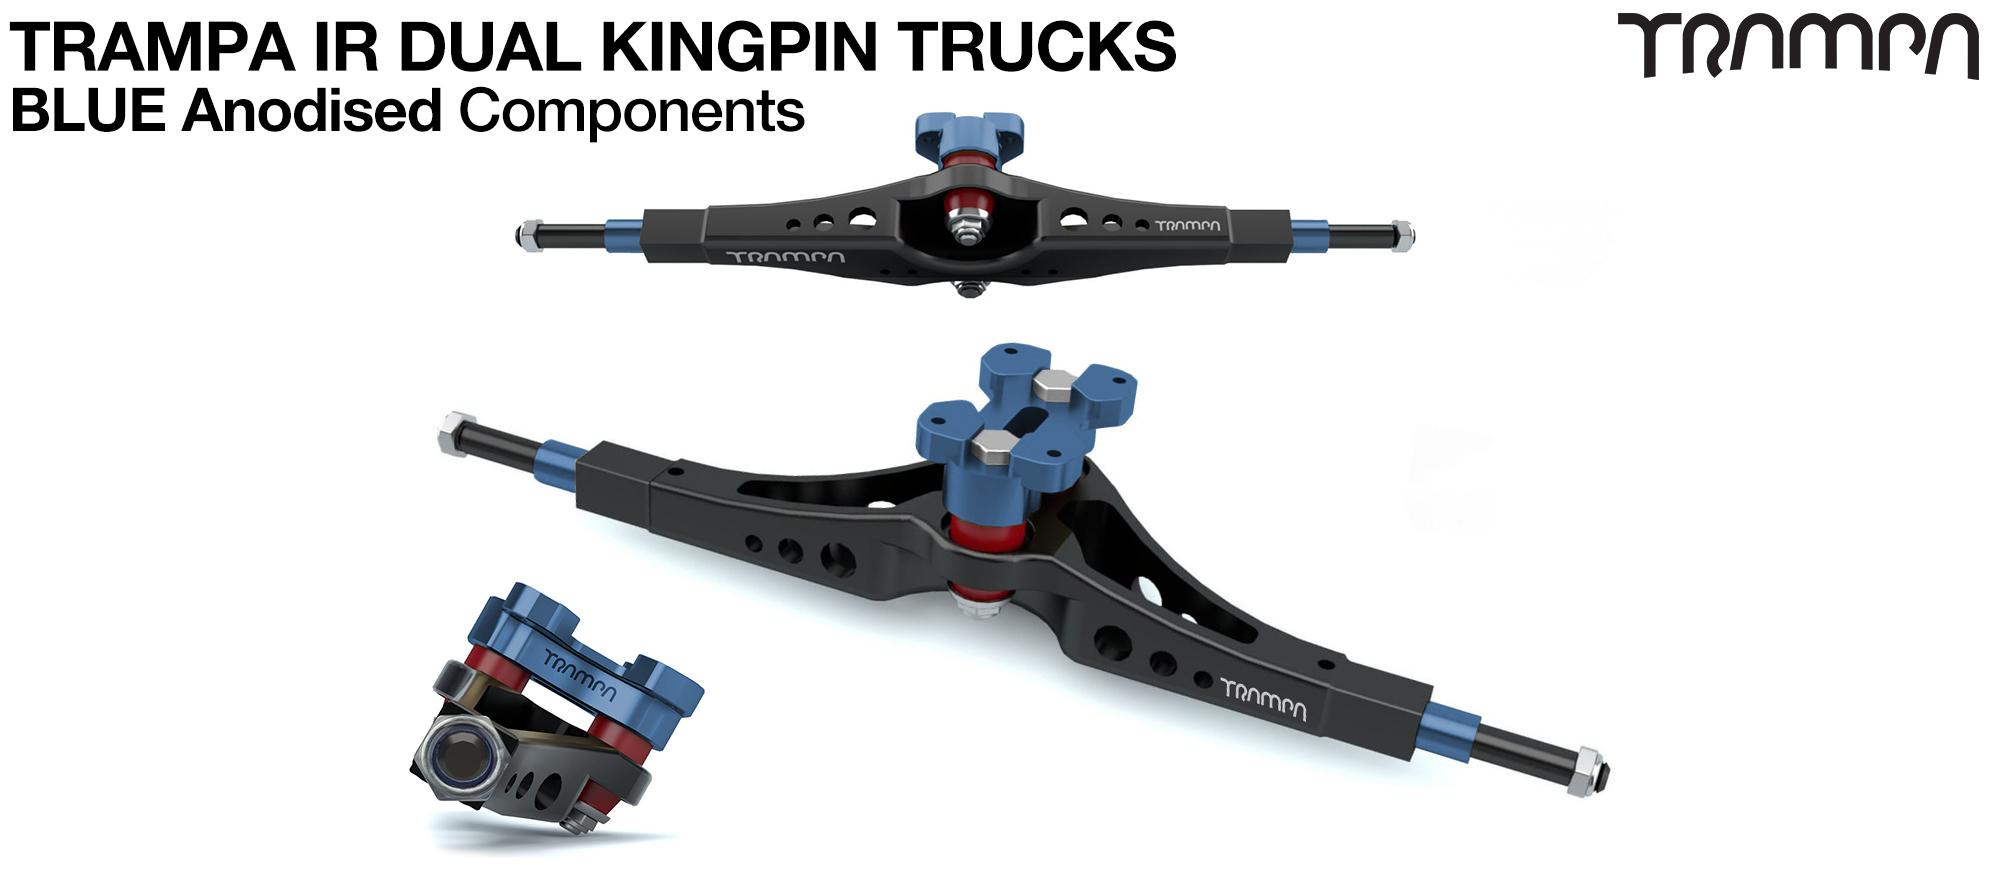 TRAMPA IR Double Kingpinned Skate Style Trucks fit every 19.1mm Motor Mount TRAMPA offers - BLUE